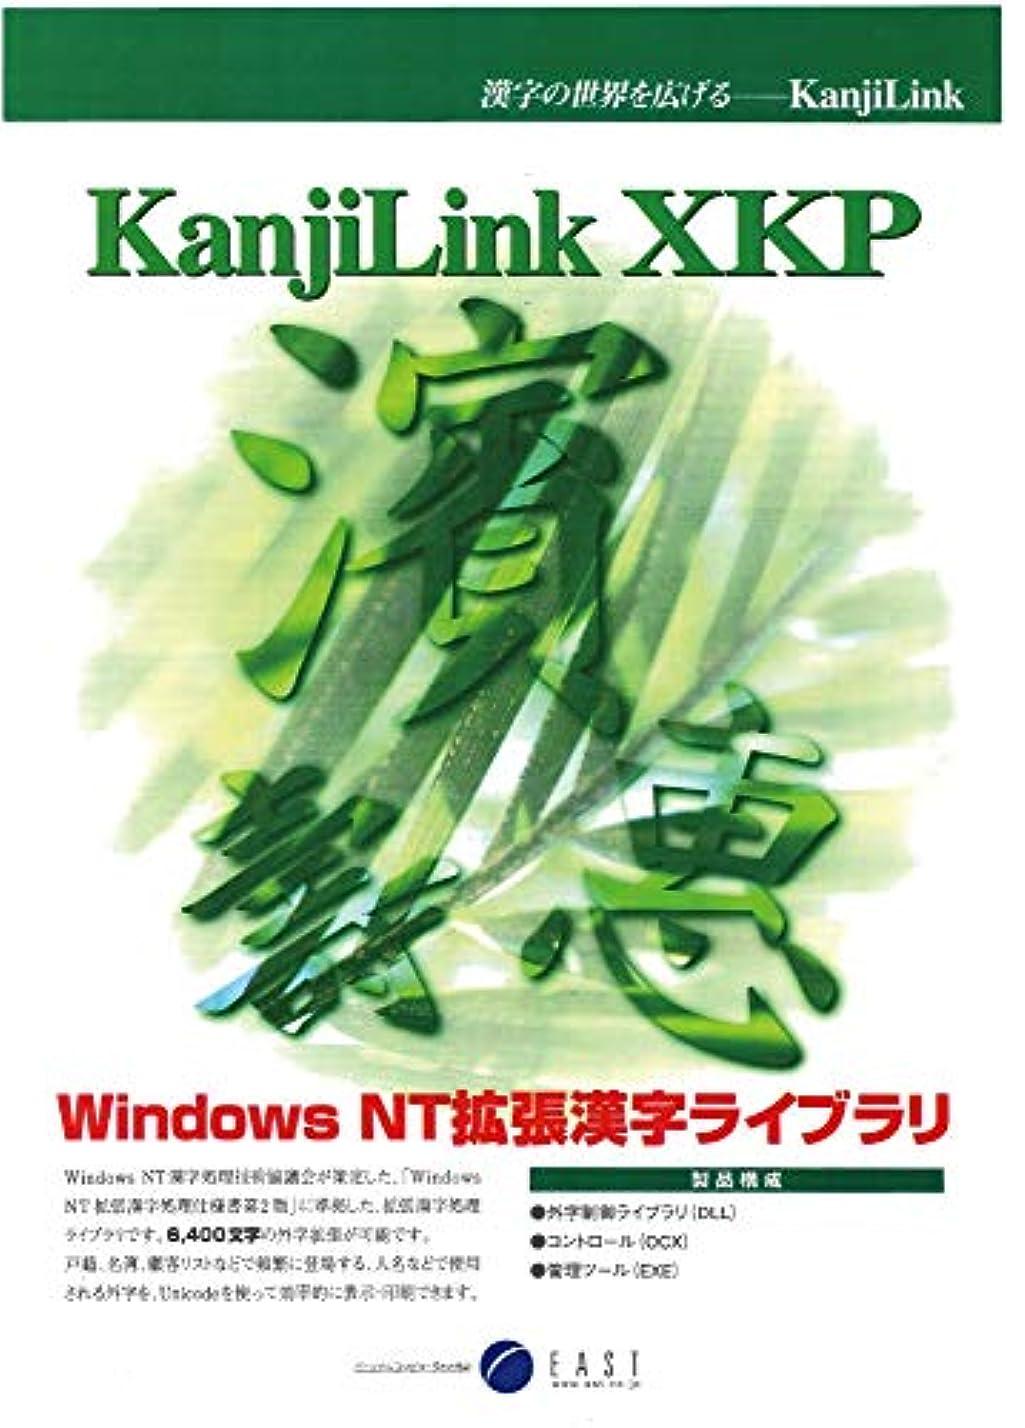 北東眉おびえたKanjiLink XKP Ver2.2V 実行時ライブラリ マスターパッケージ